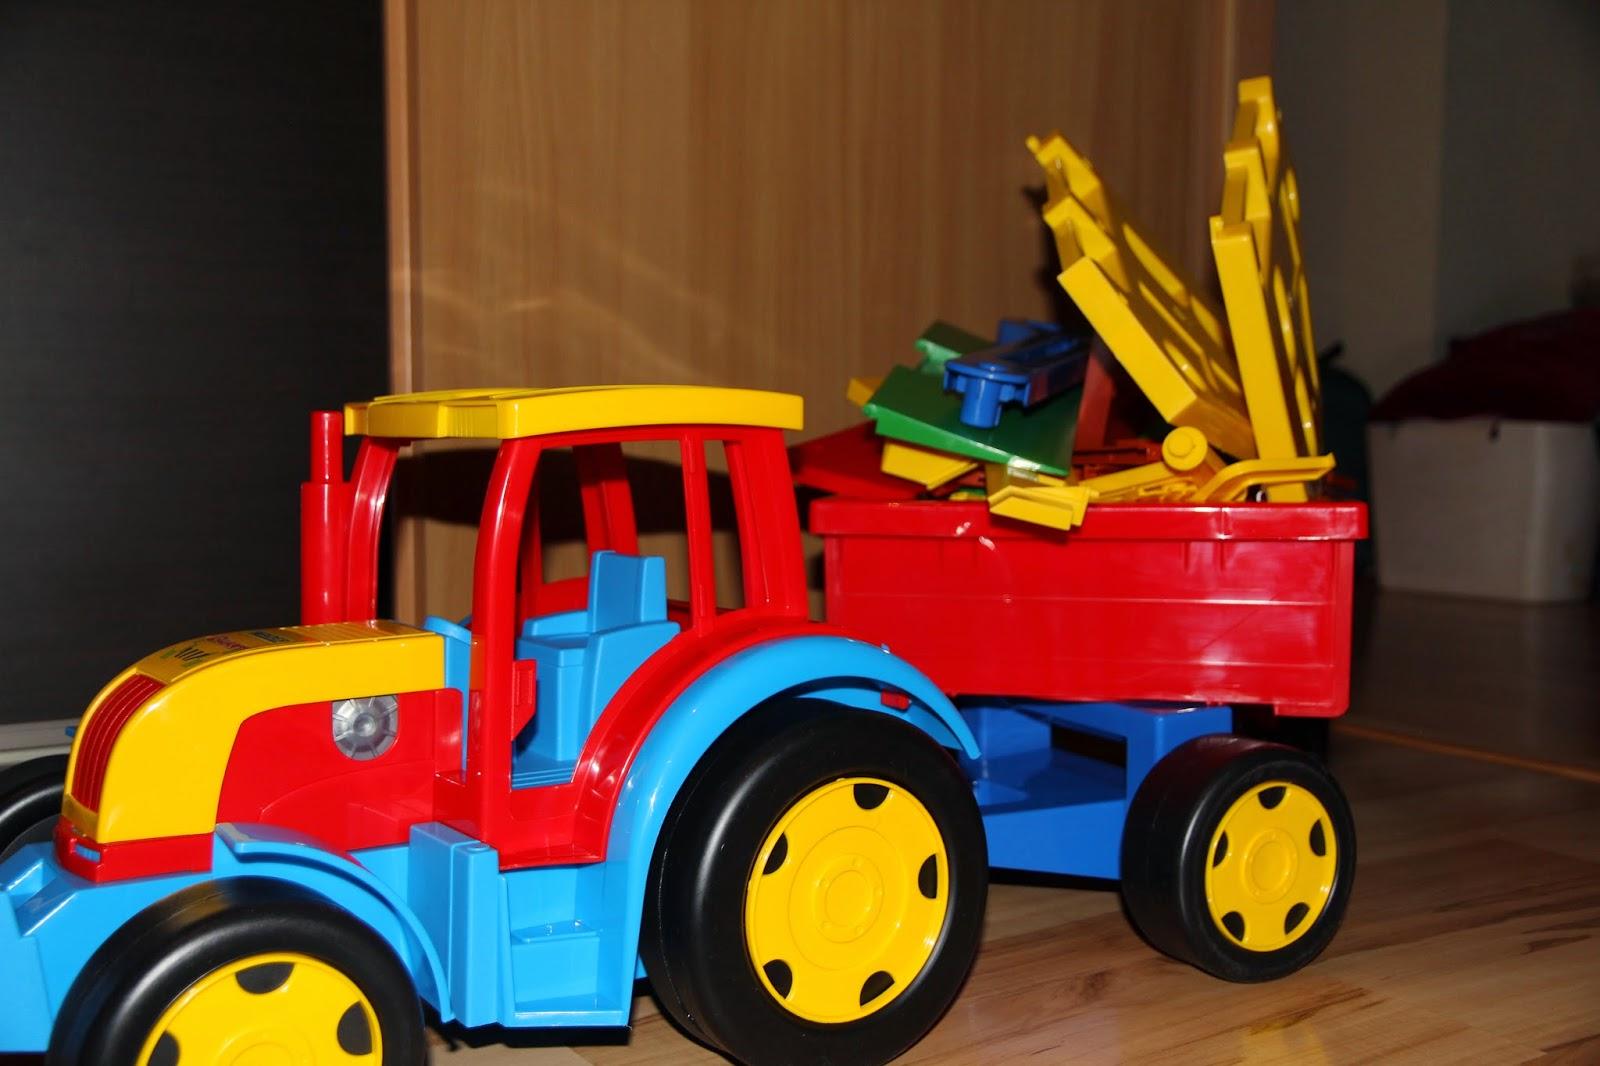 Bajka o traktorze tomie